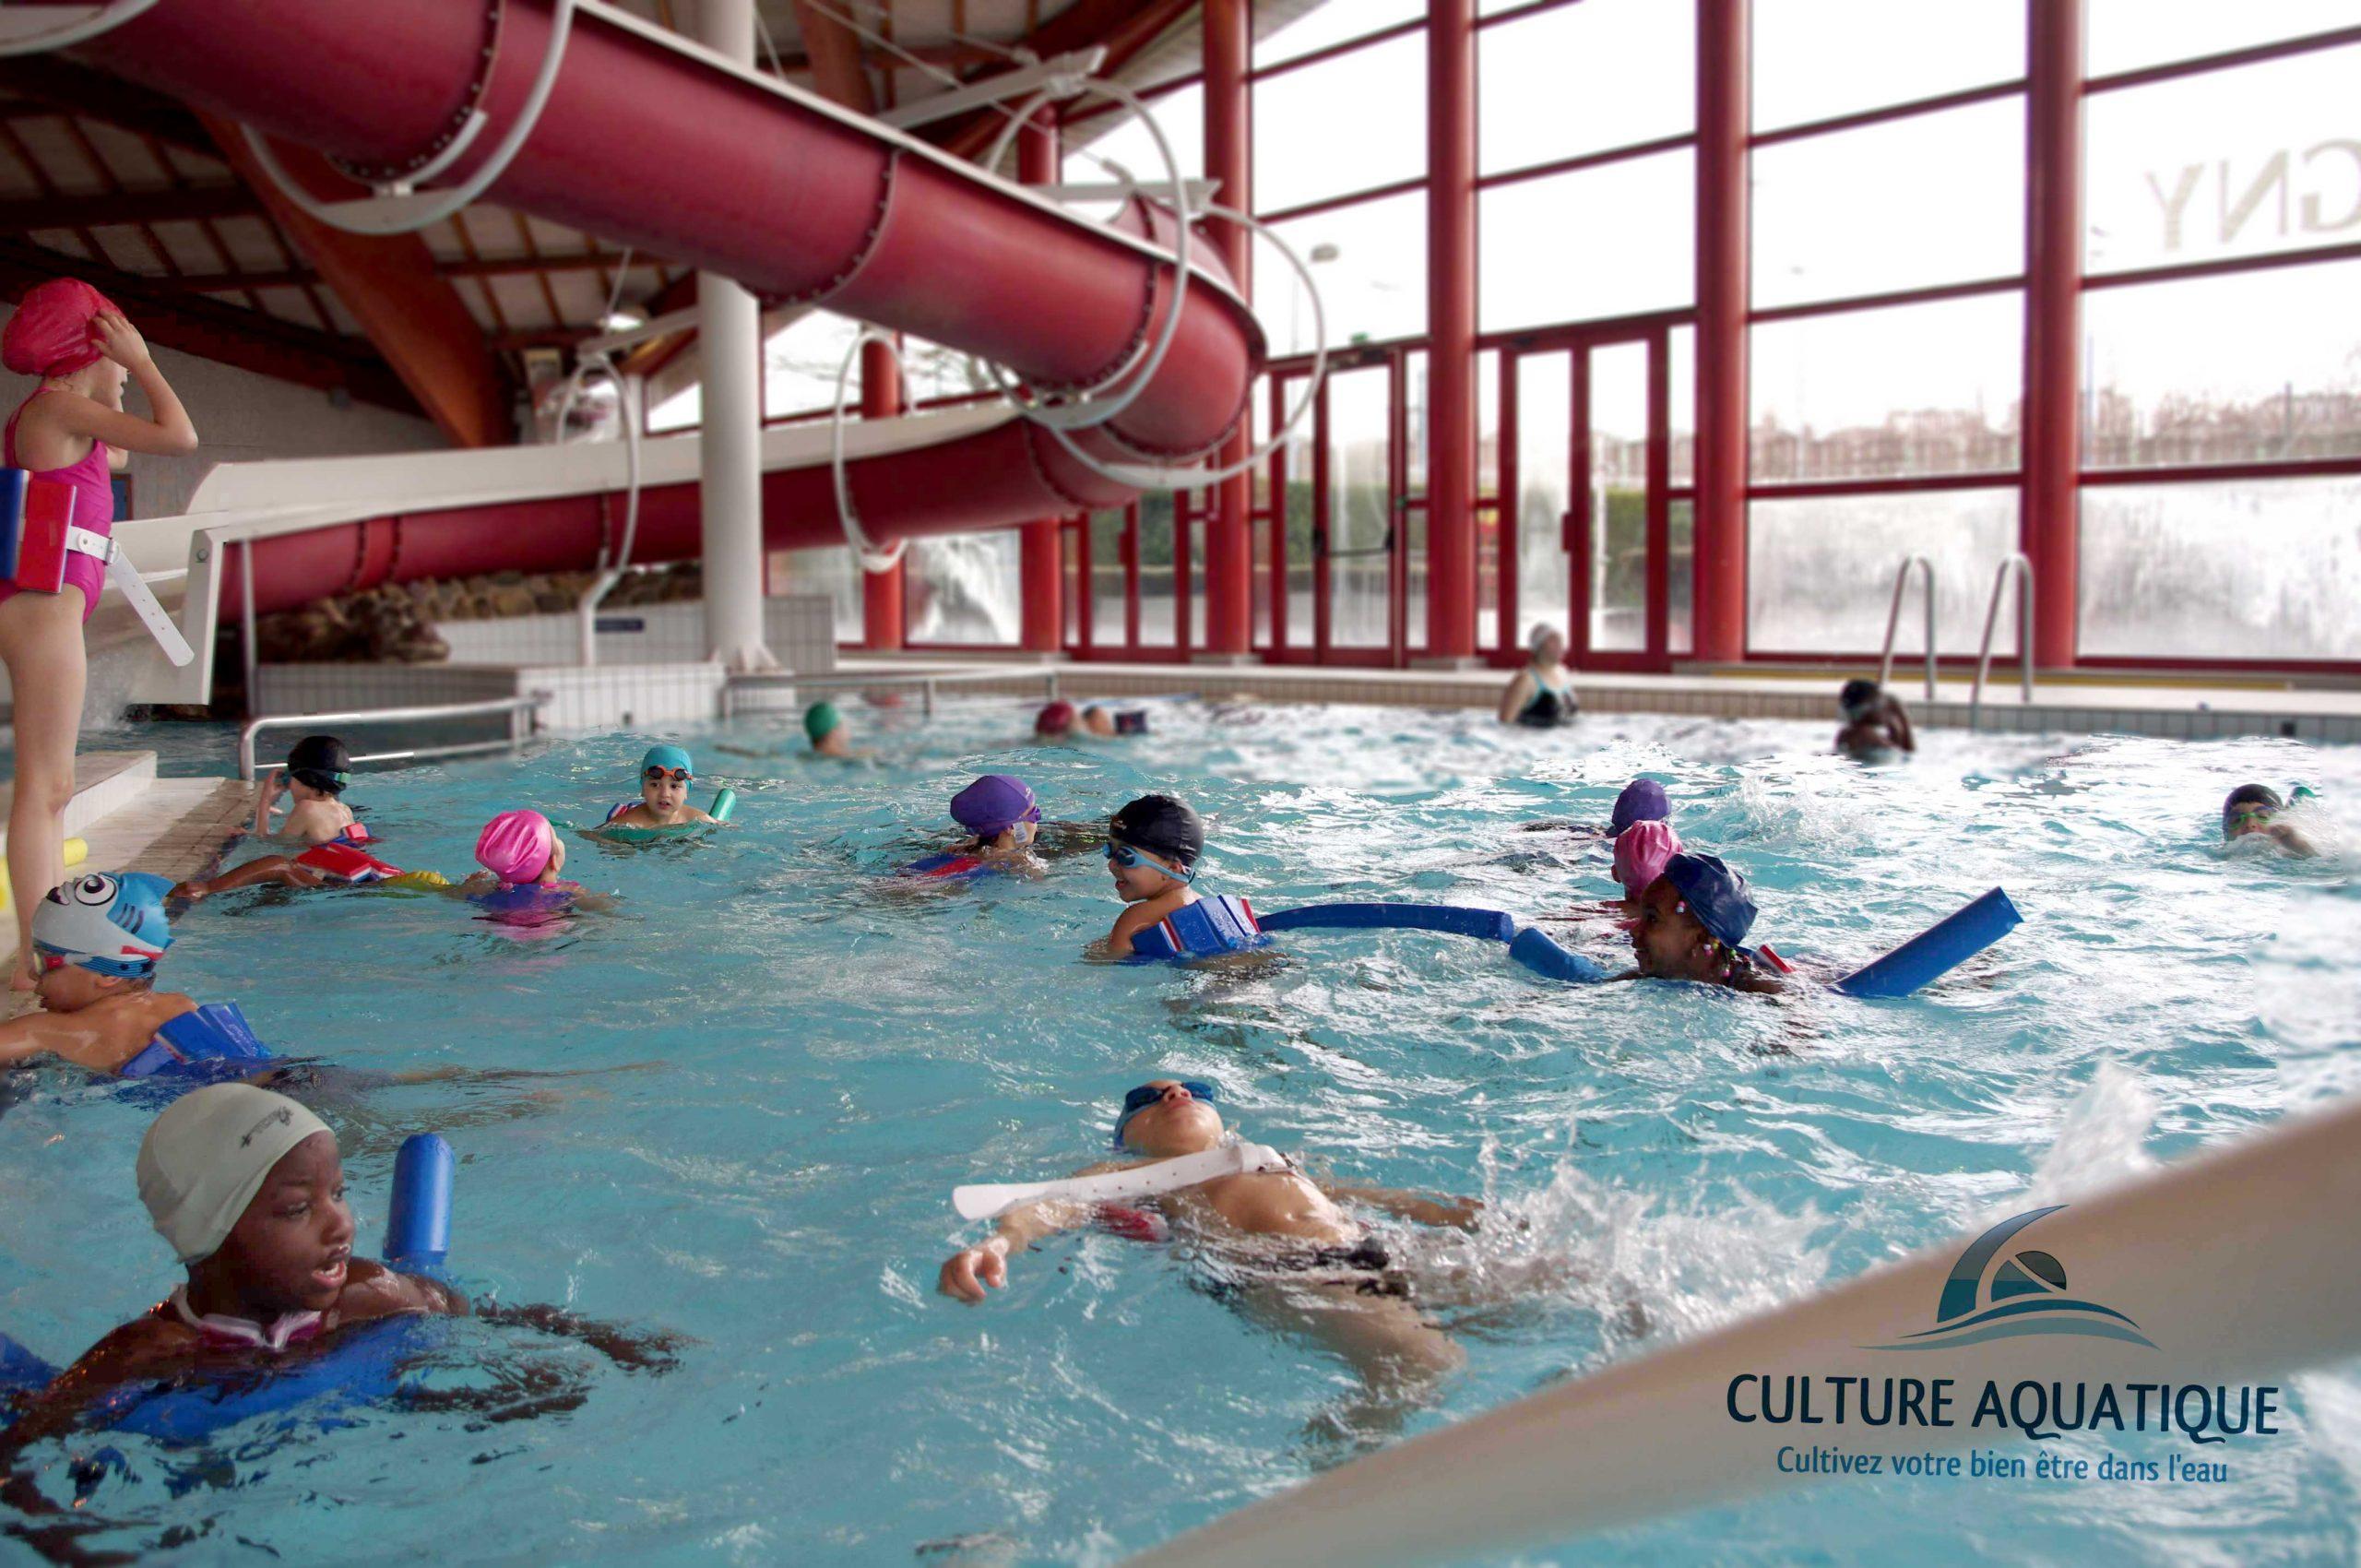 Centre Nautique Jacques Brel À Bobigny Culture Aquatique ... encequiconcerne Piscine De Bobigny